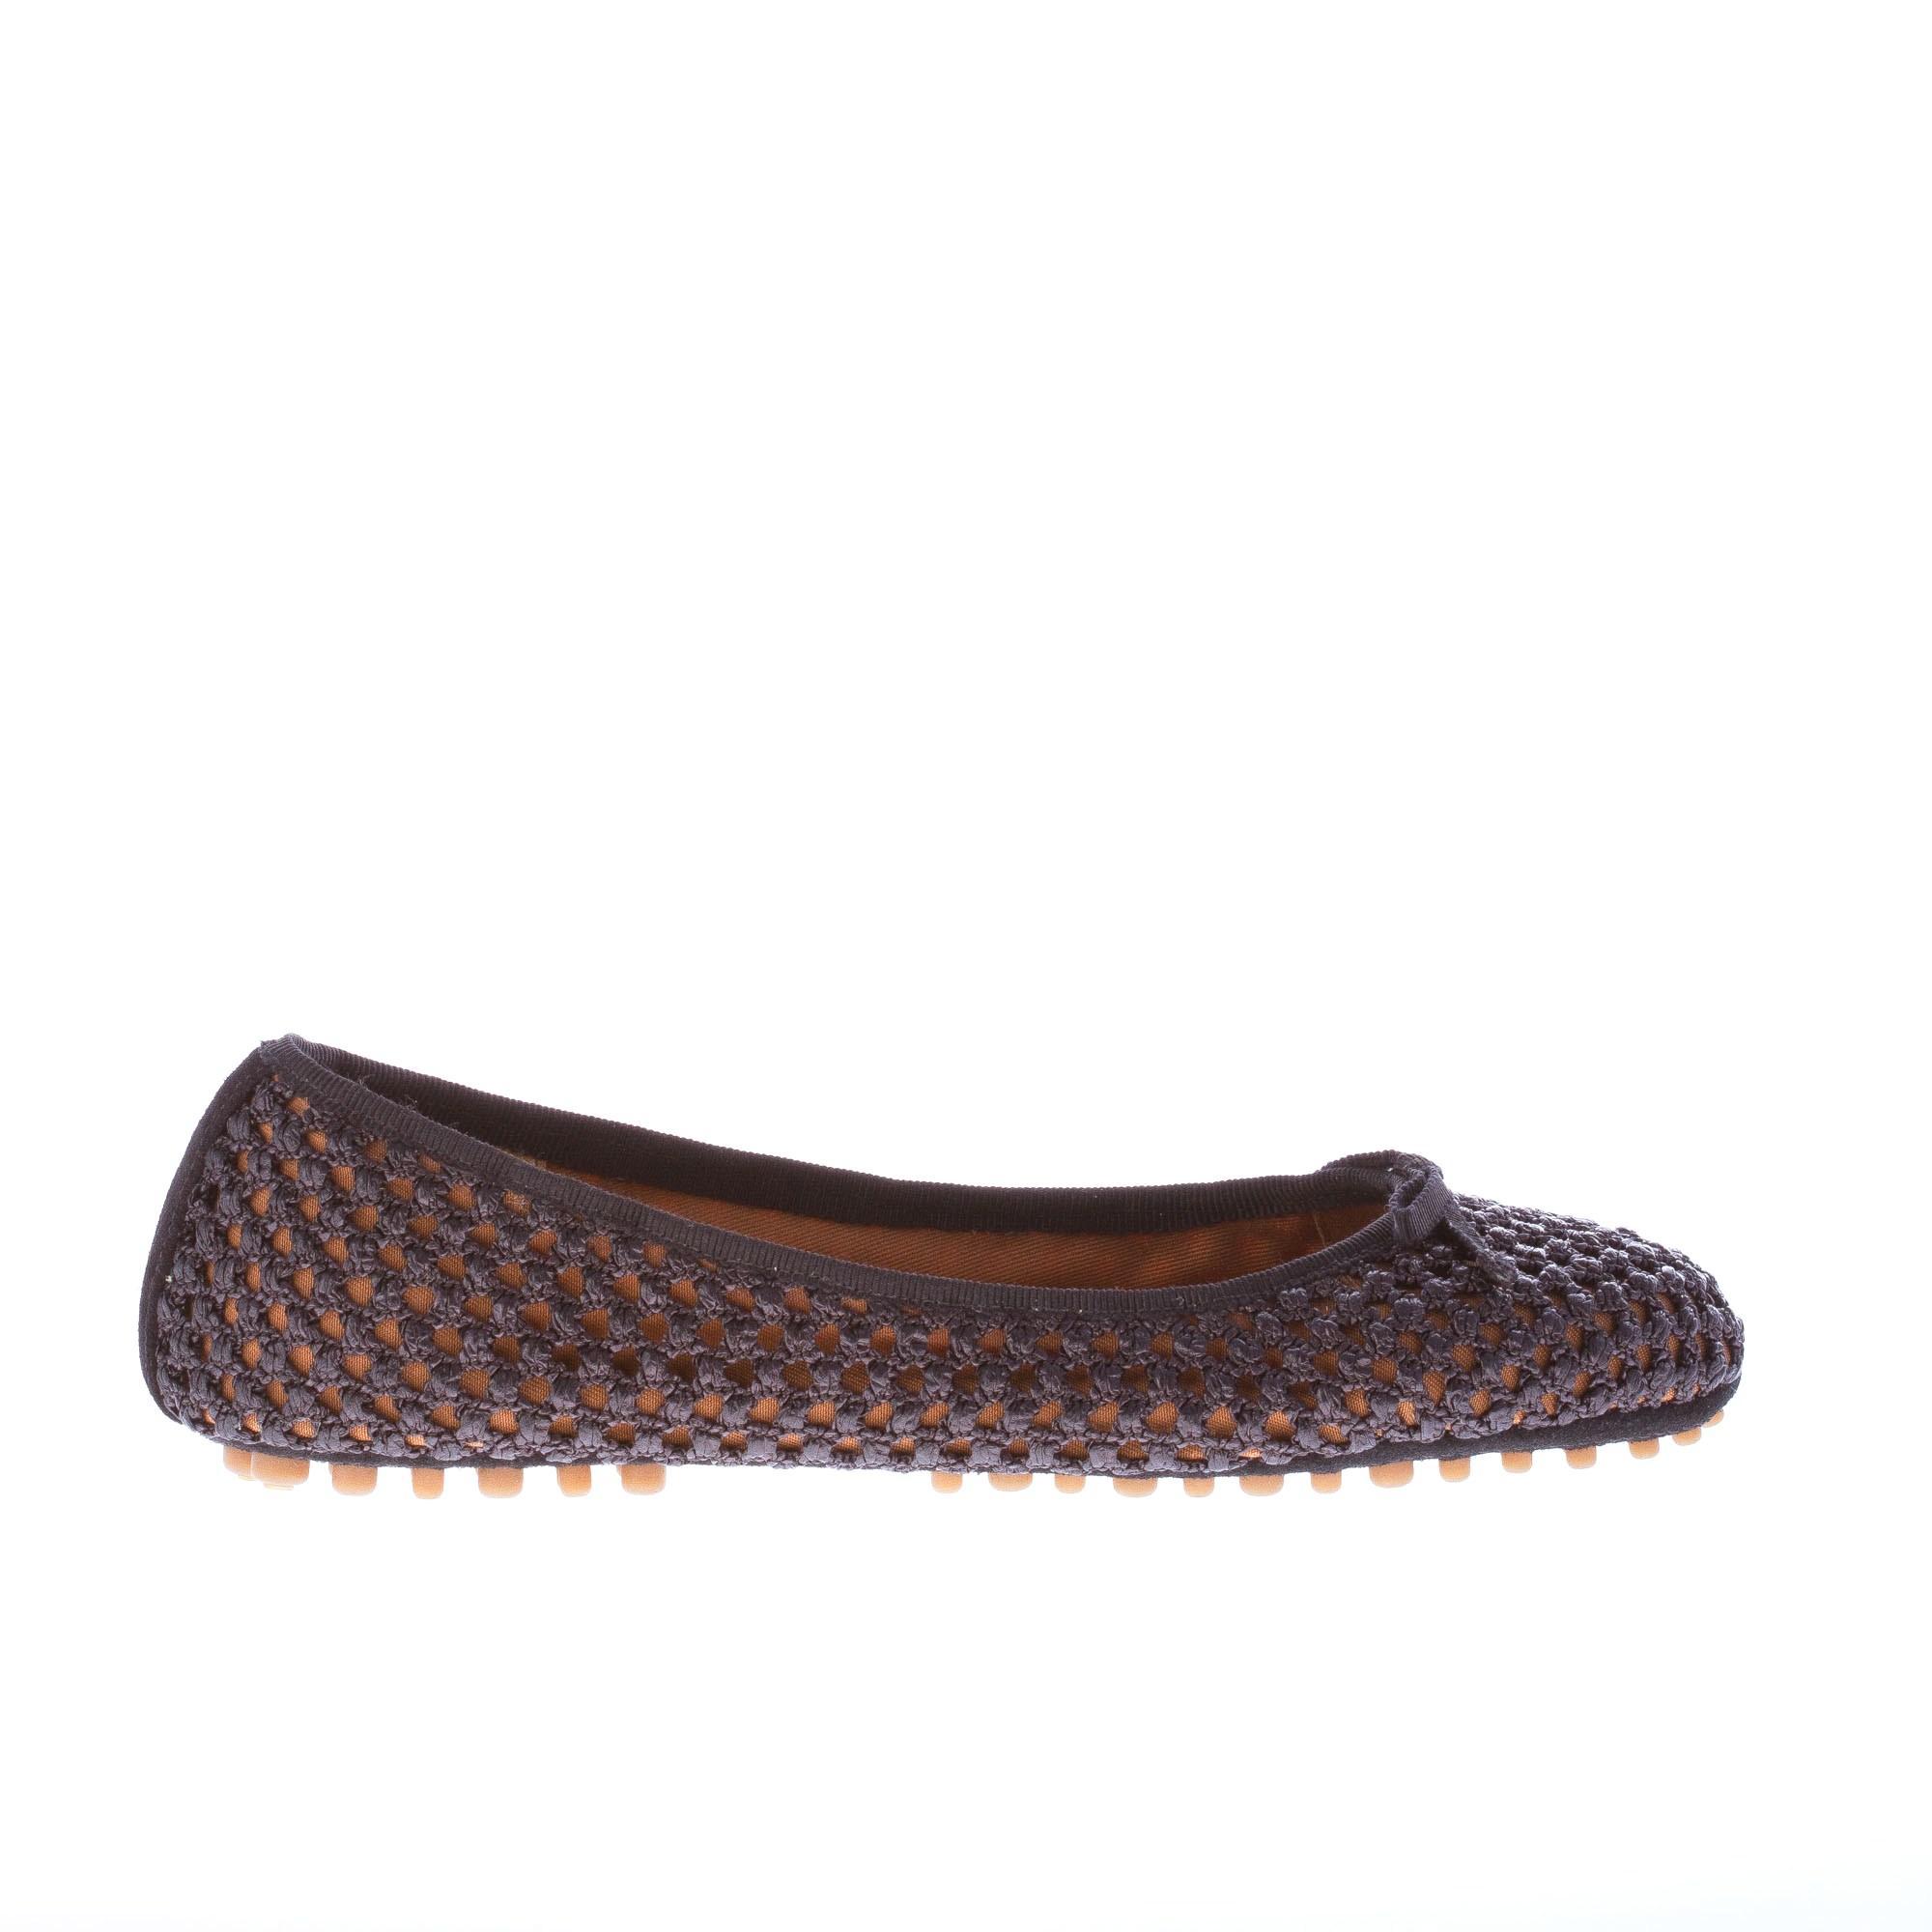 Car chaussures Femmes Chaussures Noir tressé en raphia Ballerine Plat avec bow